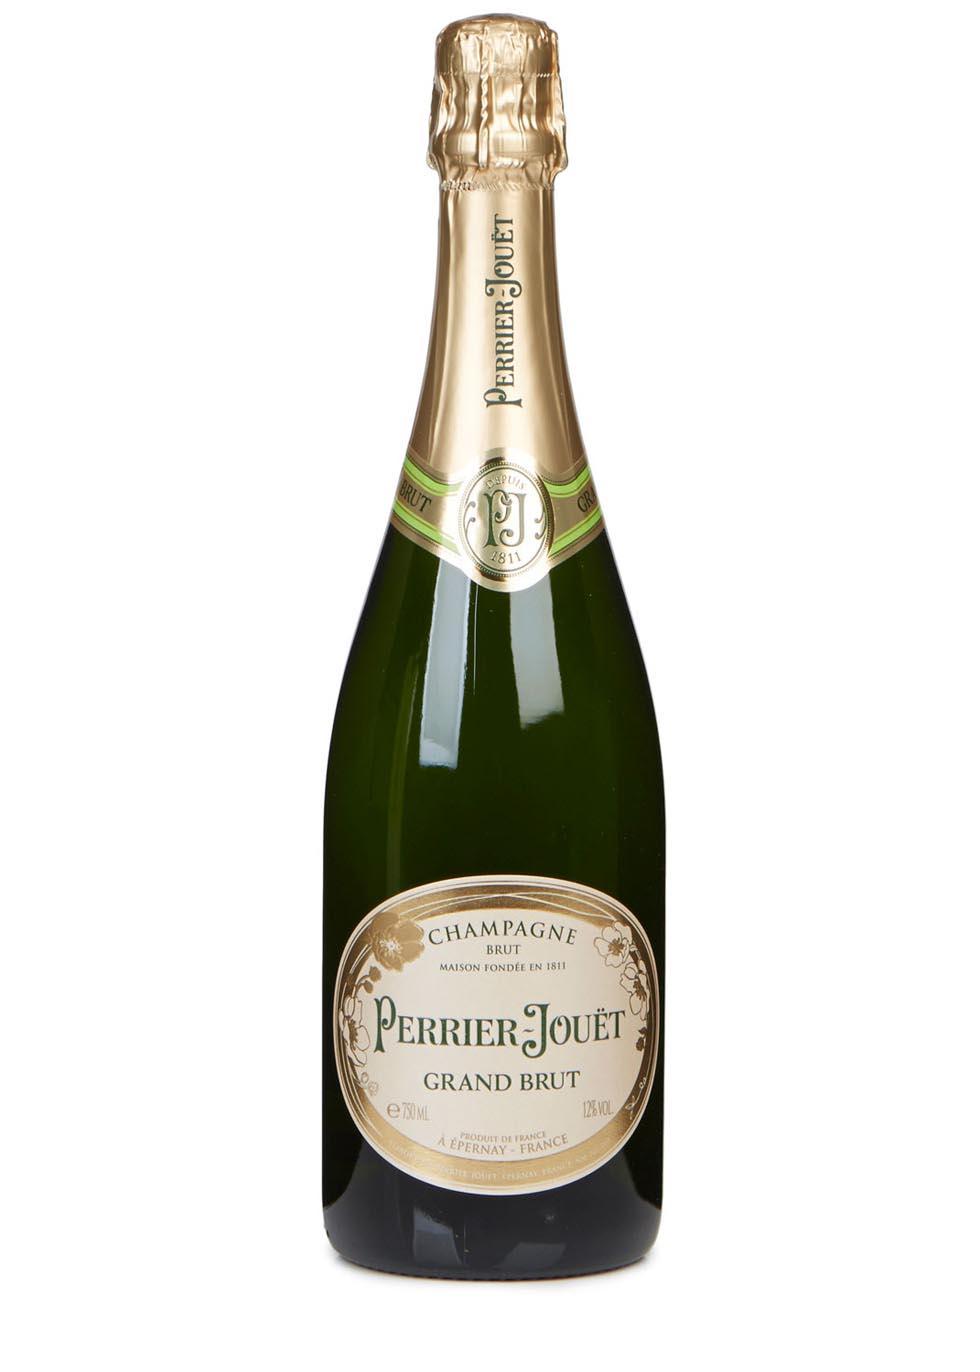 Grand Brut Champagne 2 Flute Gift Set - Perrier-Jouët